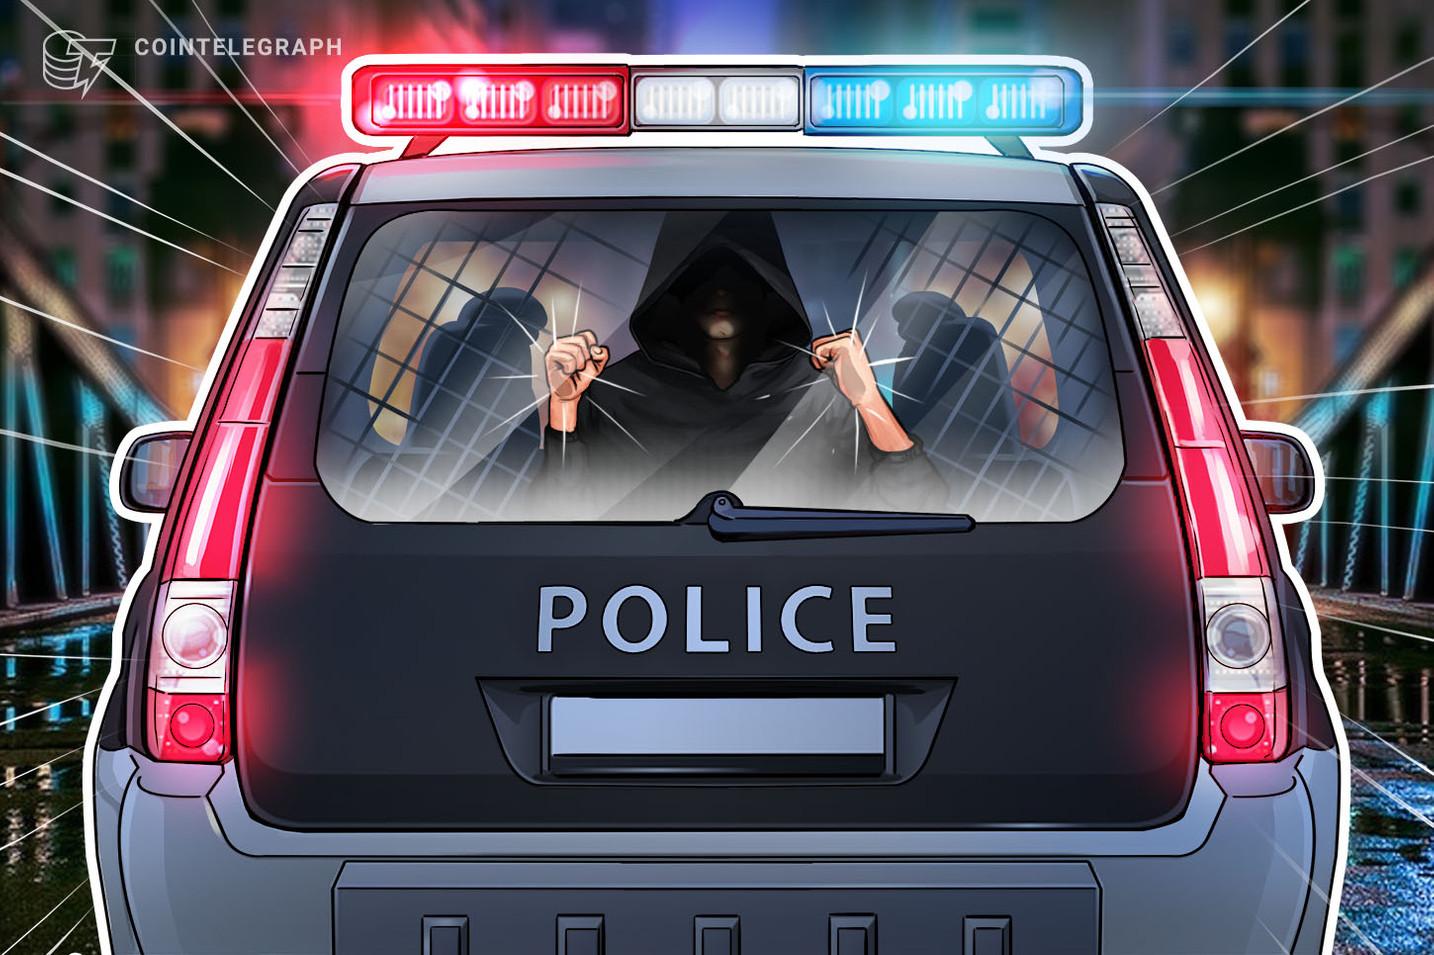 Spanische Strafverfolgungsbehörde verhaftet 35 Verdächtige wegen Bankenbetrugs durch BTC